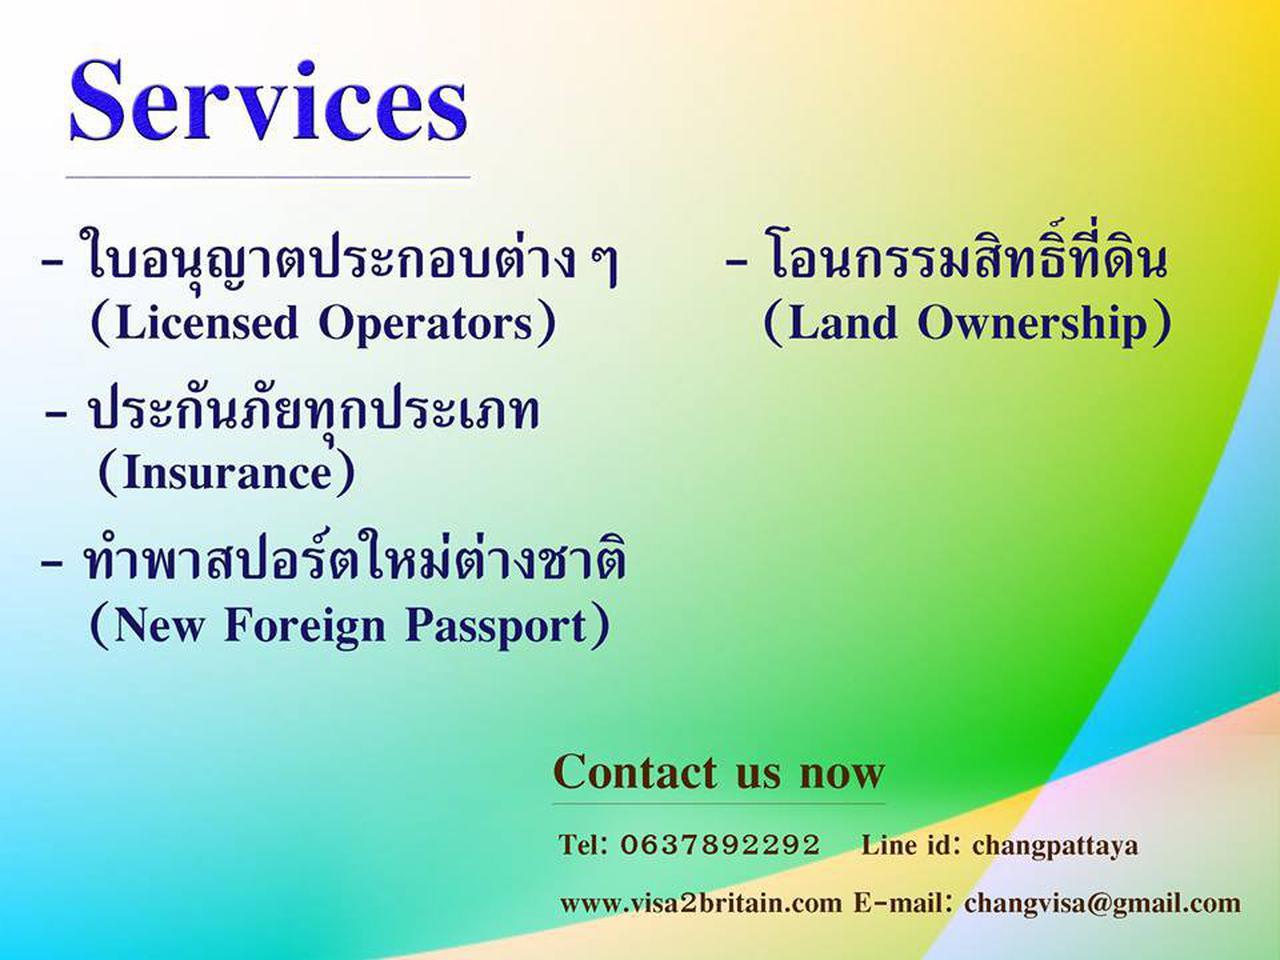 รับปรึกษาและให้บริการด้านวีซ่าทั้งในไทยและทั่วโลก รูปที่ 5